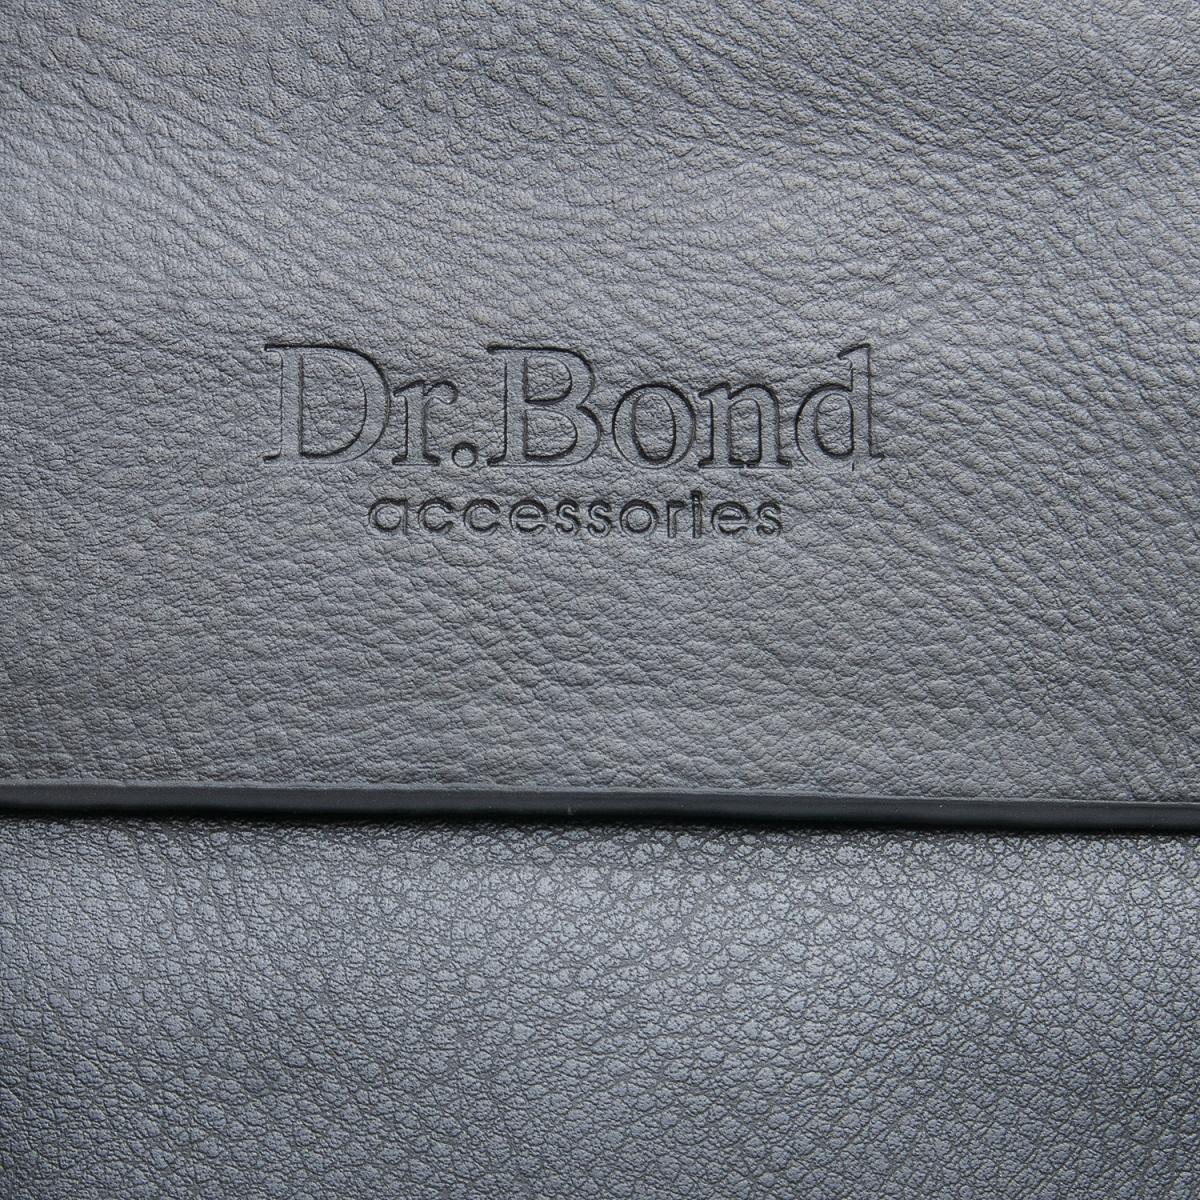 Сумка Мужская Планшет иск-кожа DR. BOND GL 316-3 black - фото 3